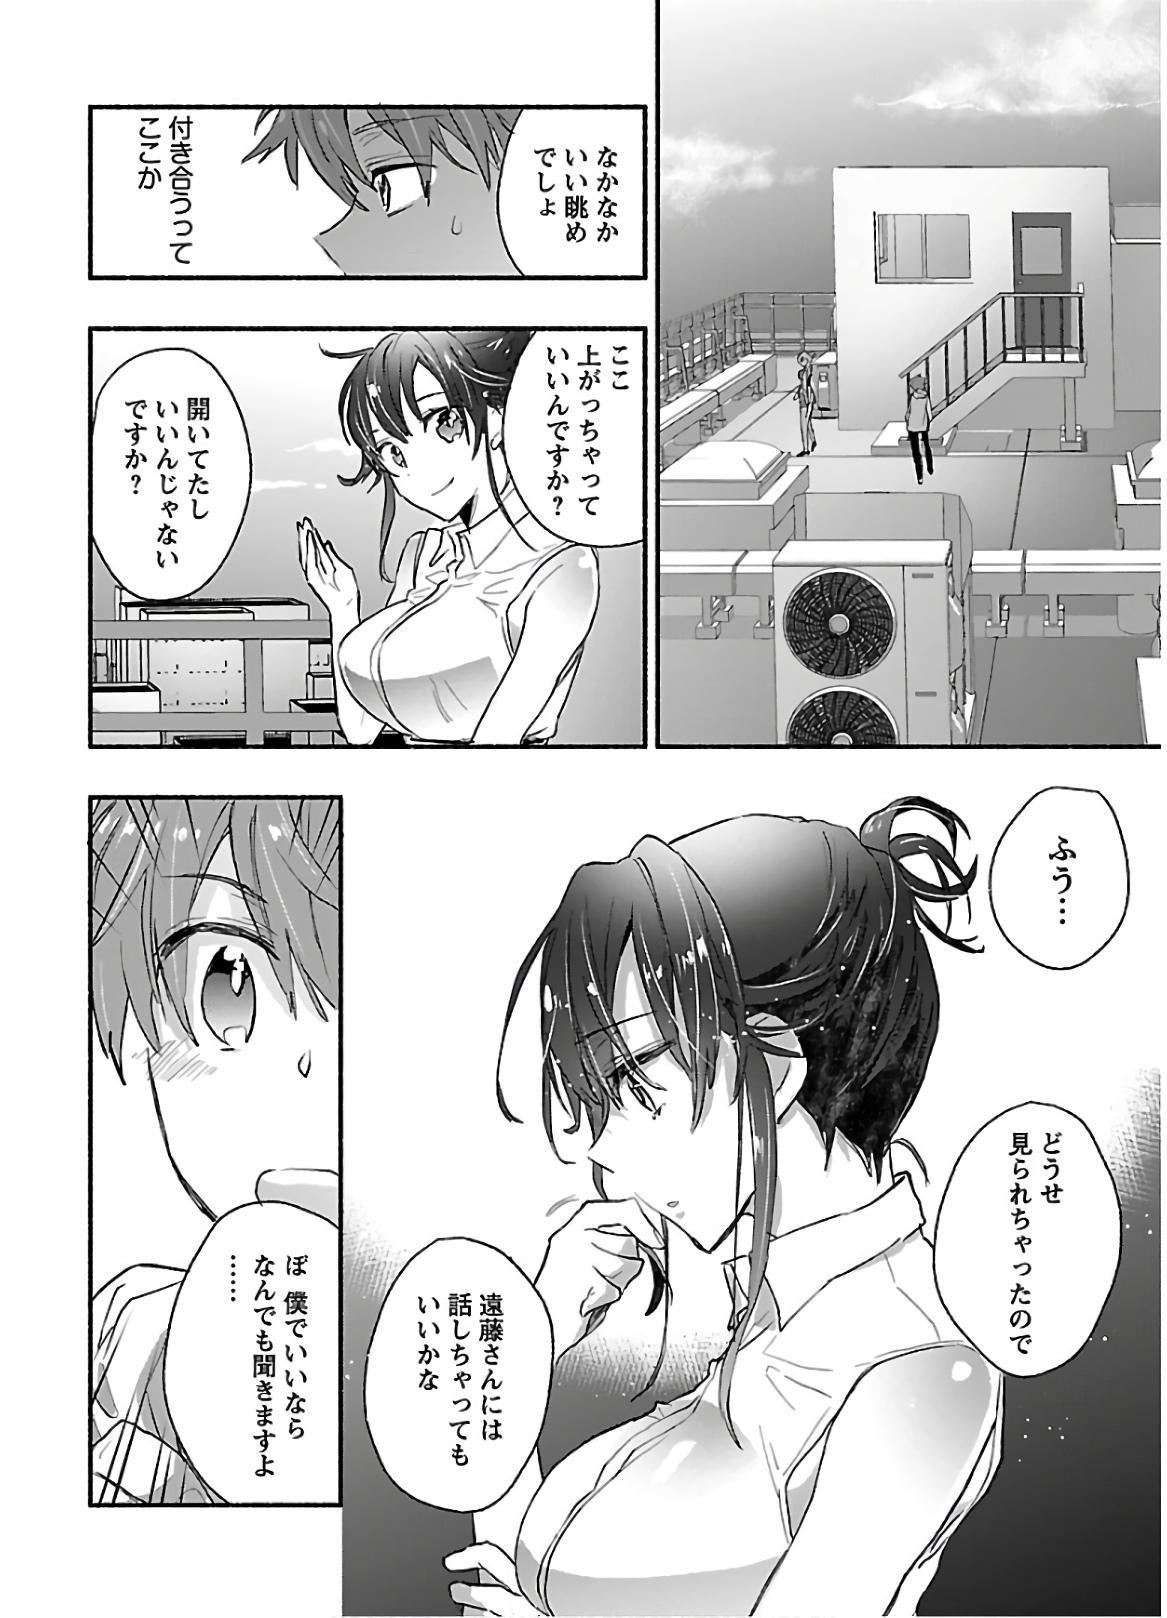 Yankii musume ni natsukarete kotoshi mo juken ni shippai shisou desu  vol.1 137